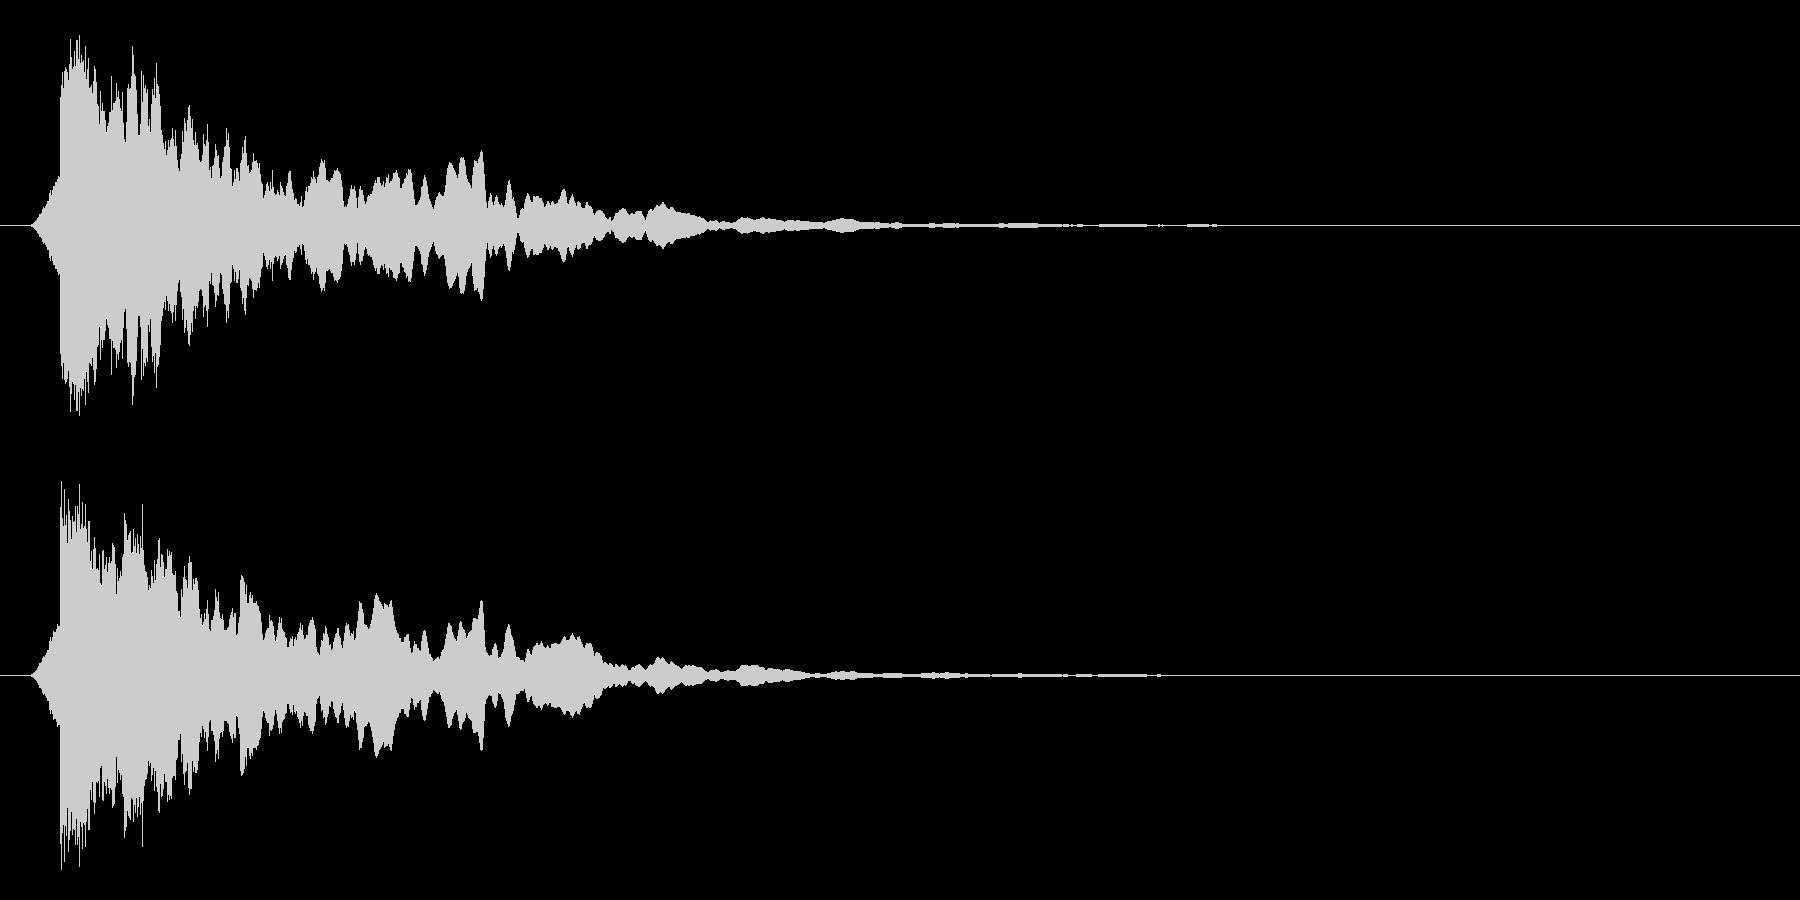 カーン/水/決定音の未再生の波形